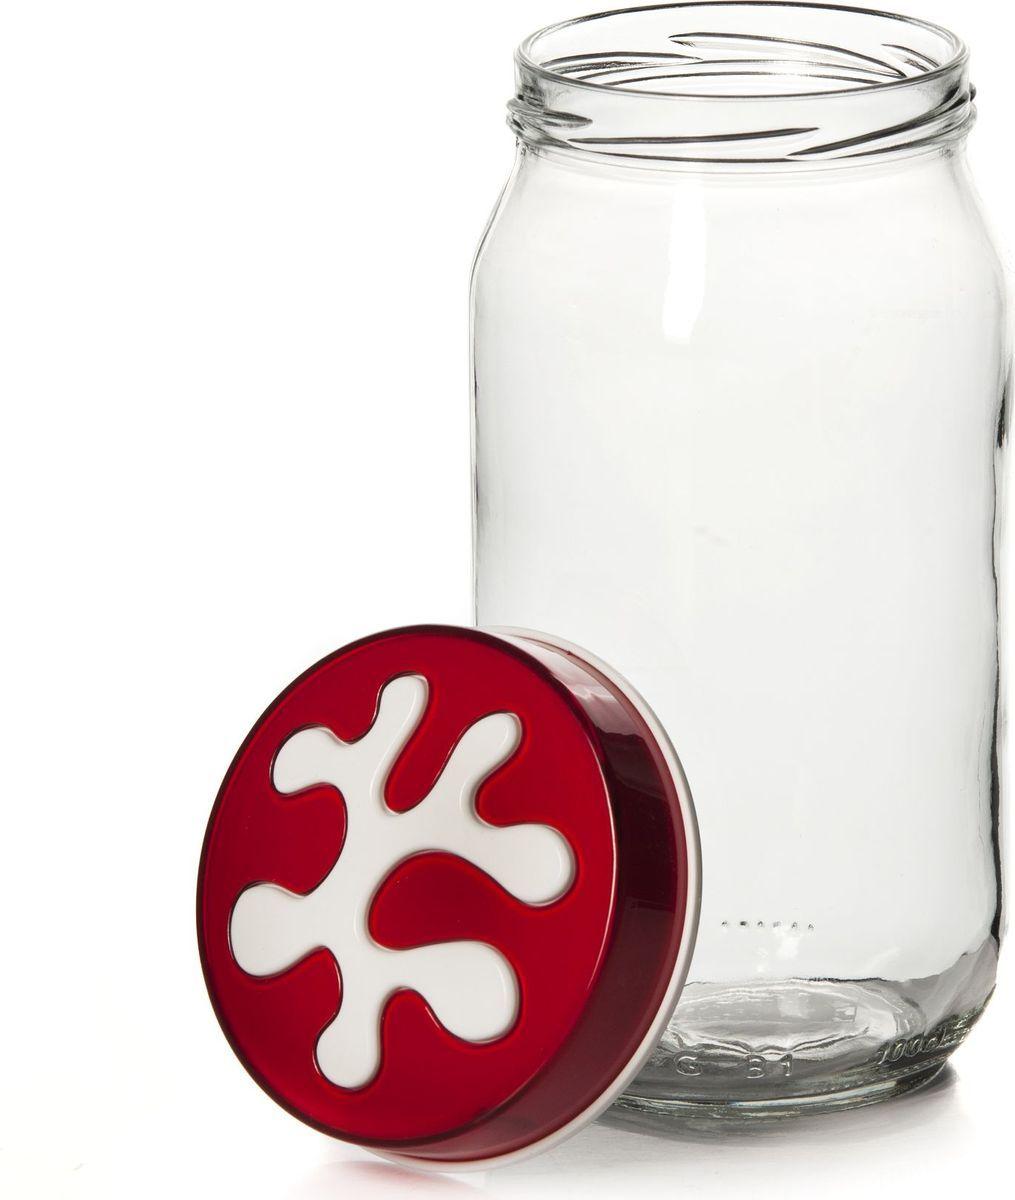 Банка для сыпучих продуктов Herevin, 1 л. 135377-205IG-754Банка для сыпучих продуктов Herevin выполнена из высококачественного прочного стекла. Изделие снабжено плотно закручивающейся пластиковой крышкой с рельефным узором. Прозрачные стенки позволяют видеть содержимое. Такая банка отлично подойдет для хранения различных сыпучих продуктов: орехов, сухофруктов, чая, кофе, специй. Диаметр банки: 9 см. Высота банки: 18 см.